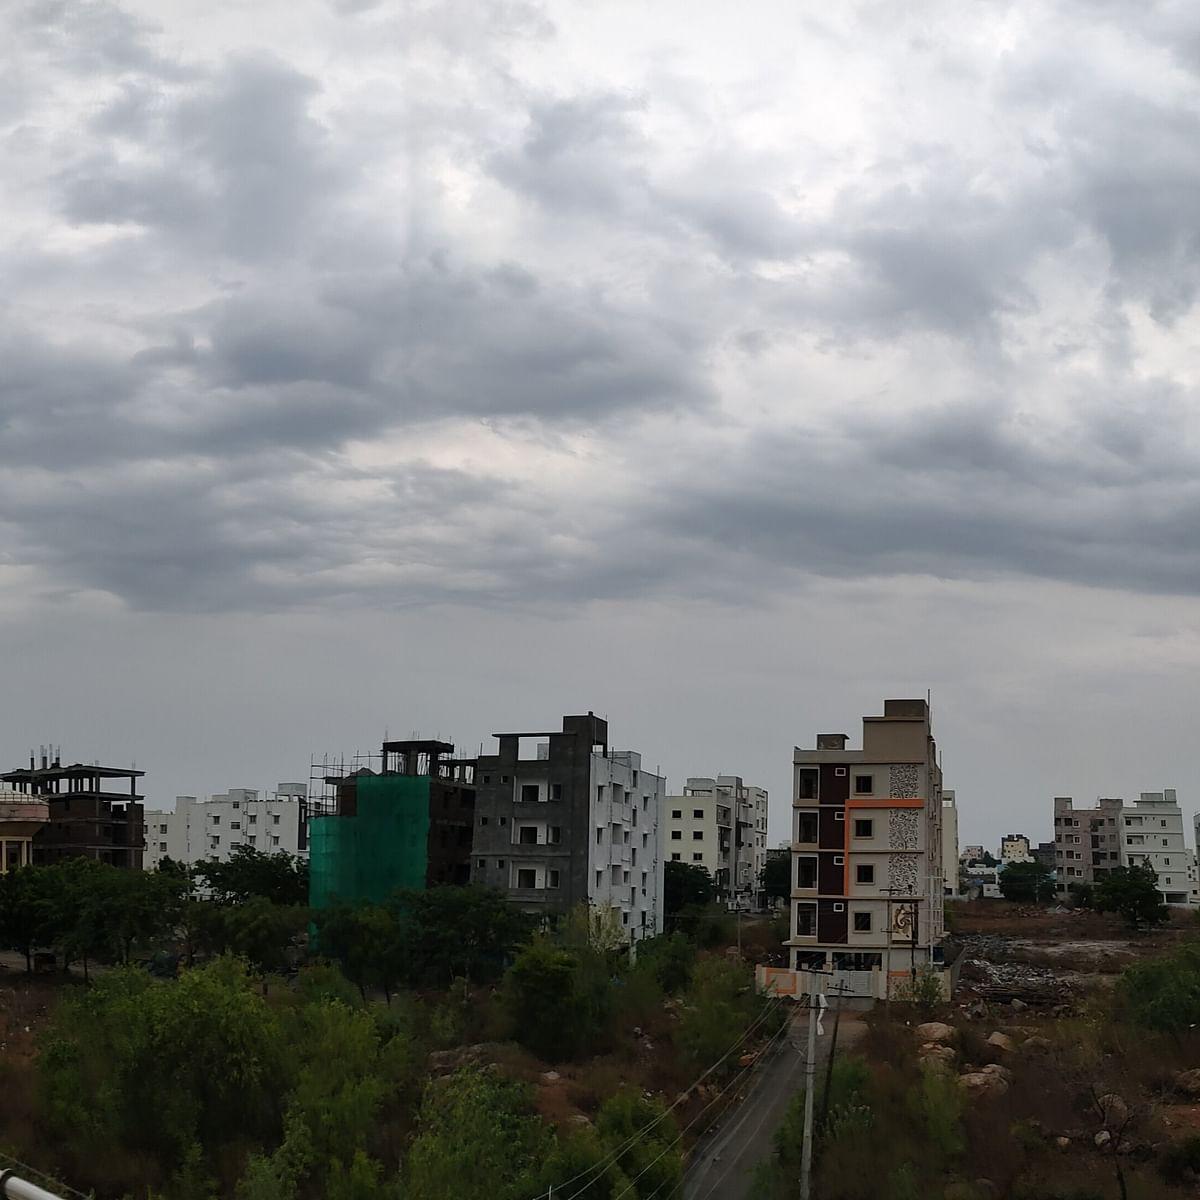 Heat respite: Mumbai to receive rain on June 3, 4